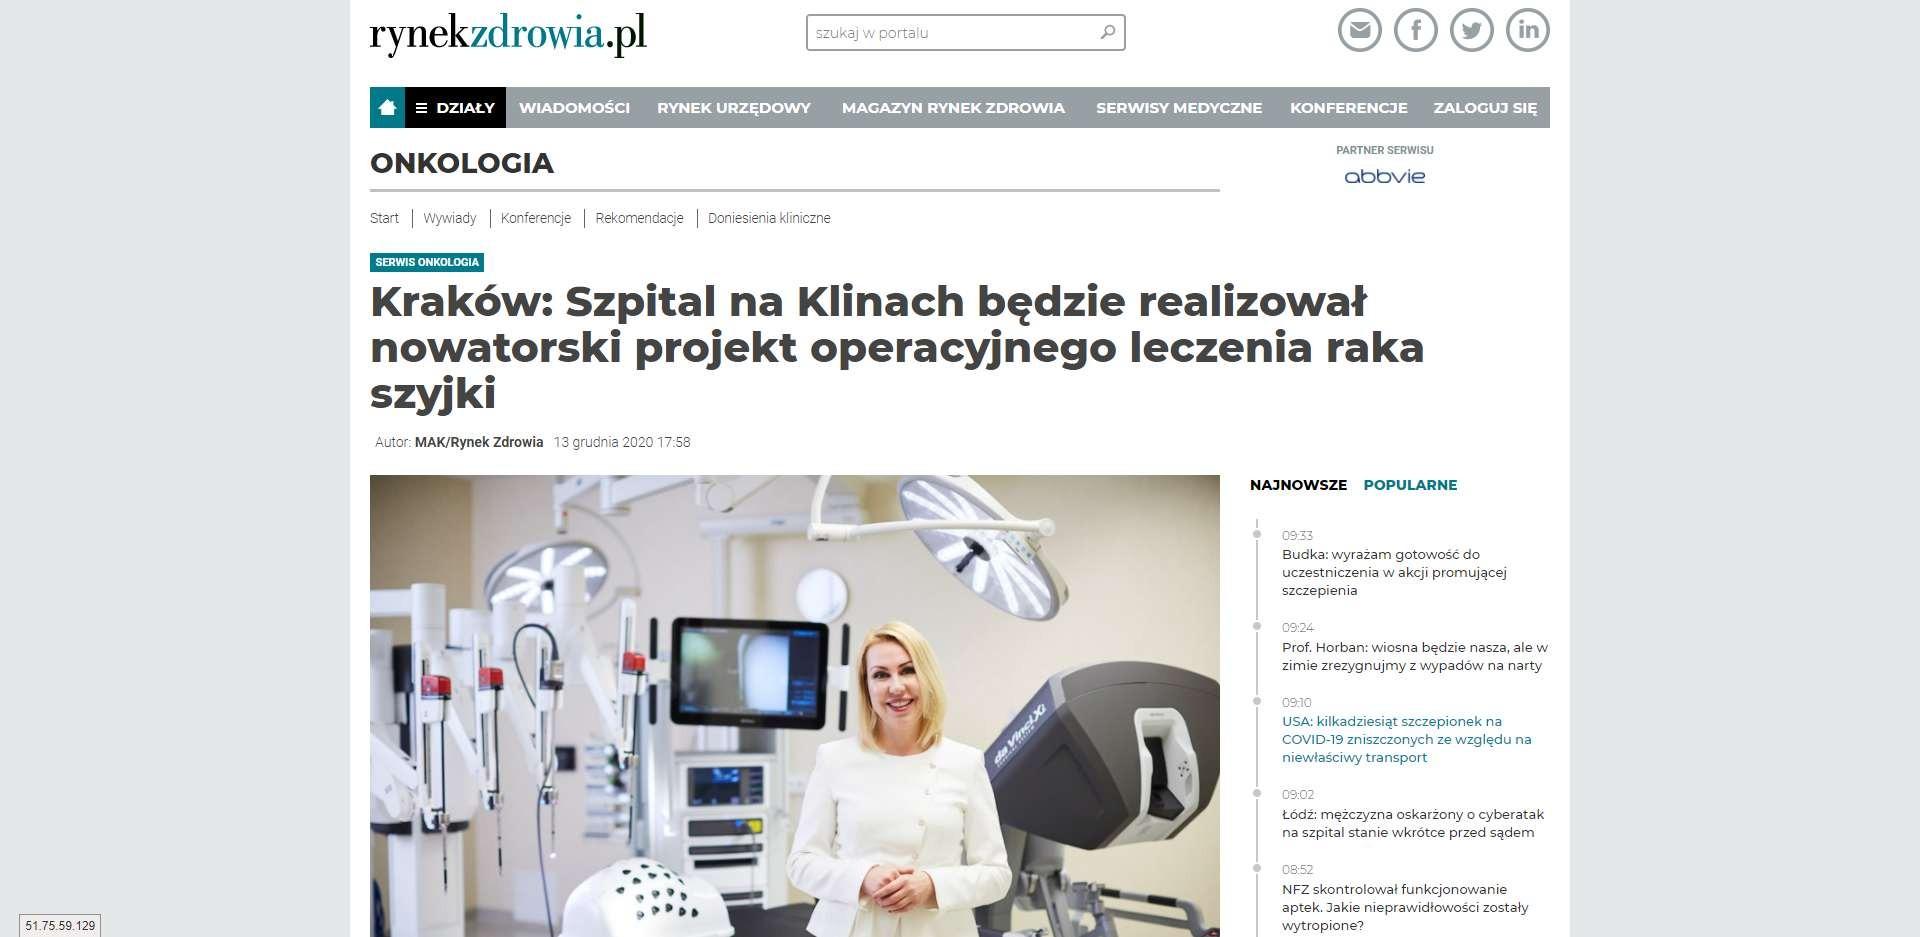 szpital na klinach bedzie realizowal nowatorski projekt operacyjnego leczenia raka szyjki